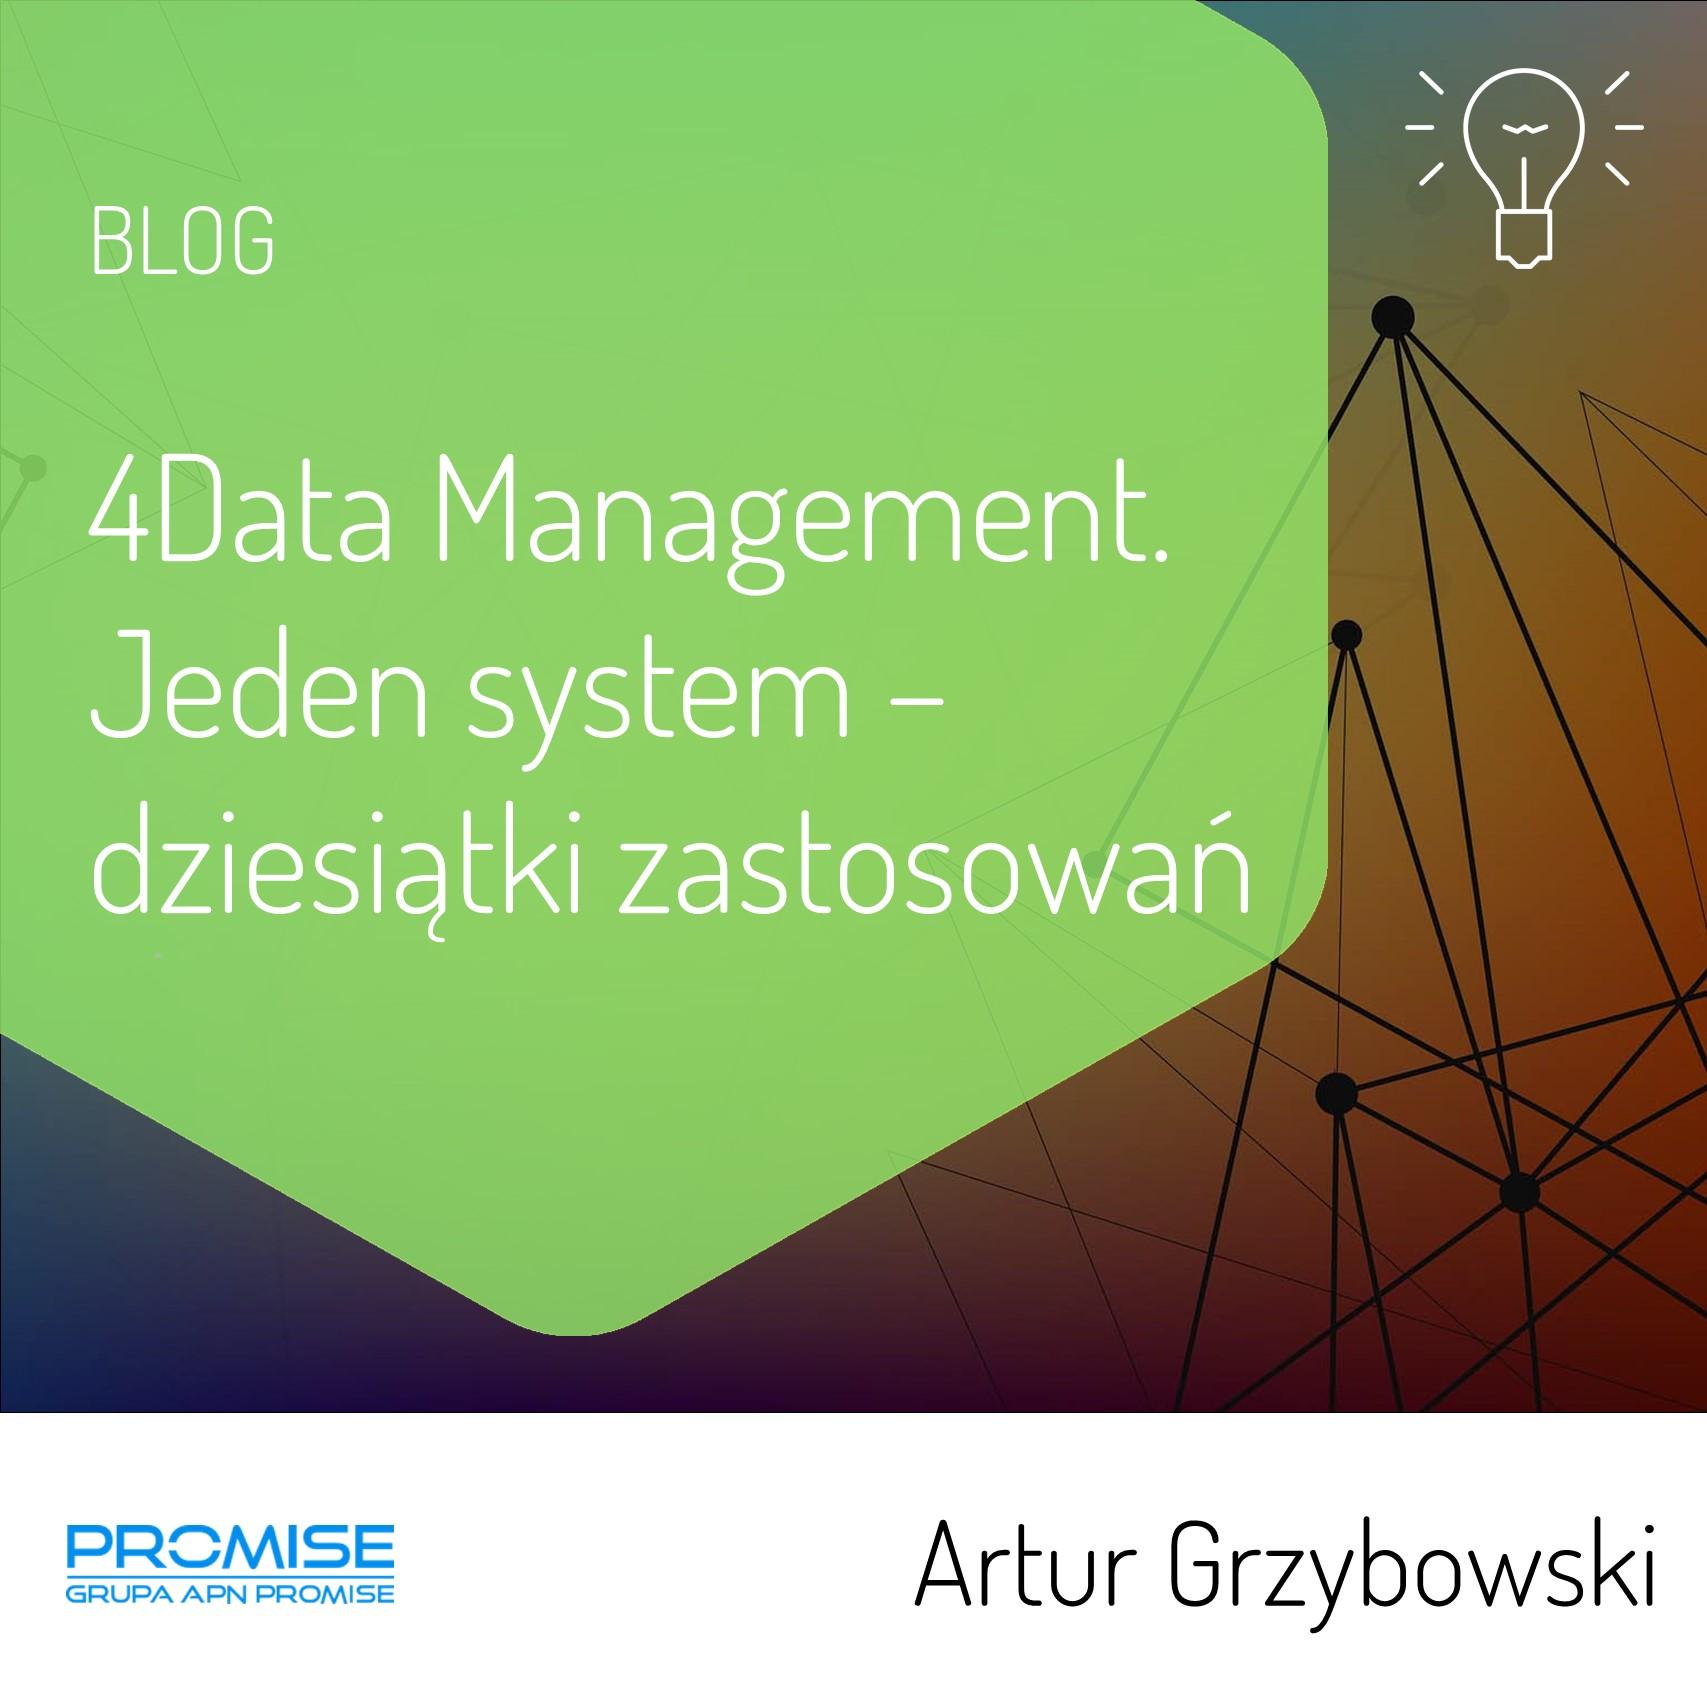 4Data Management jeden system dziesiatki zastosowan